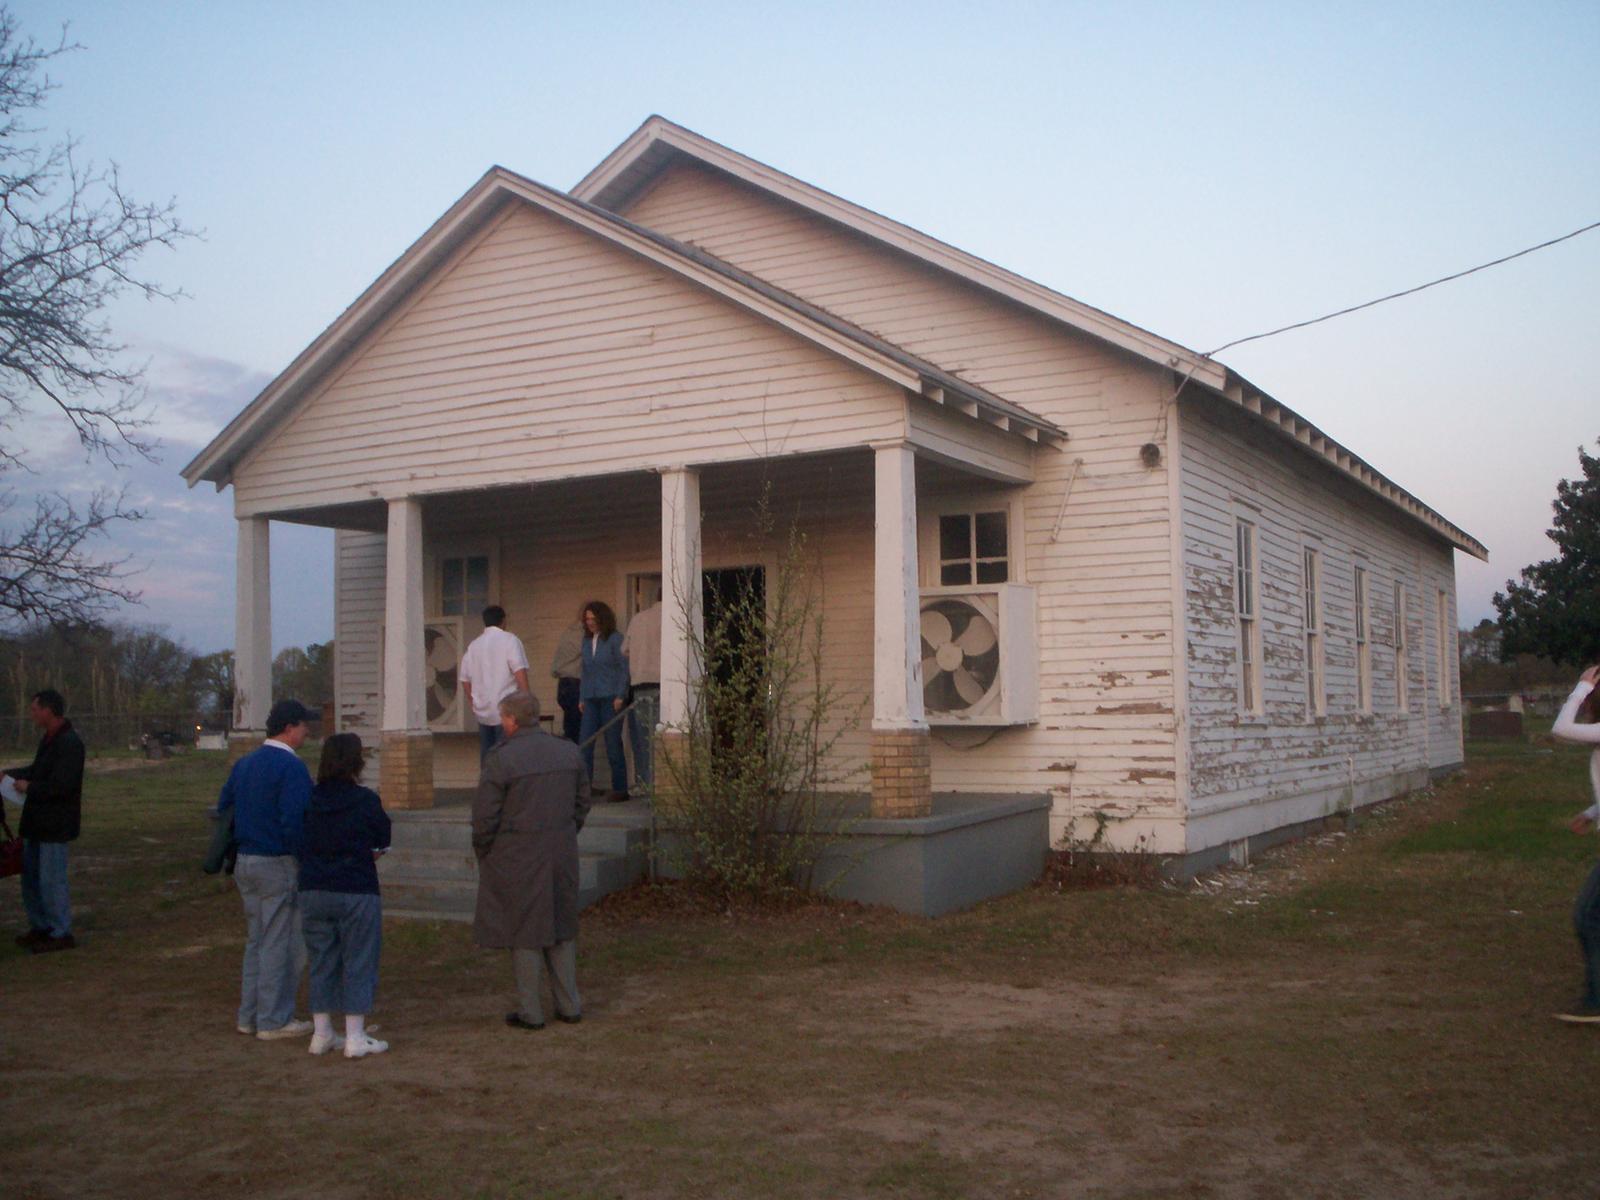 Historic texas churches pic request dallas el paso architecture